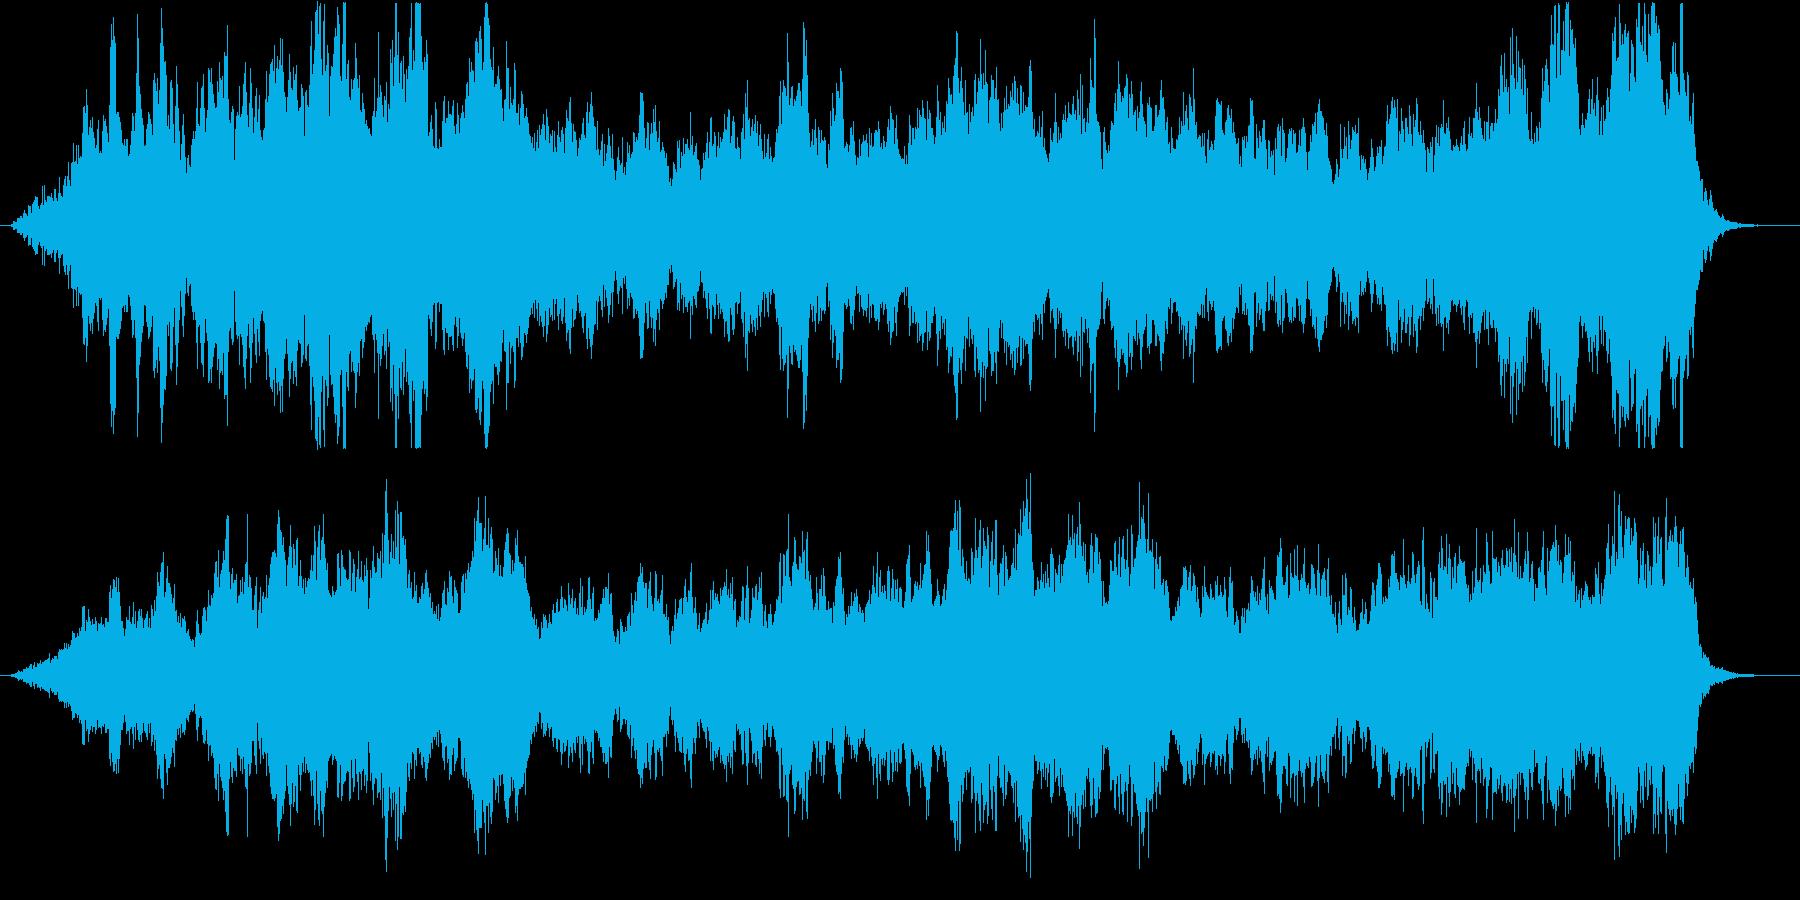 壮大なオーケストラのオープニング楽曲の再生済みの波形